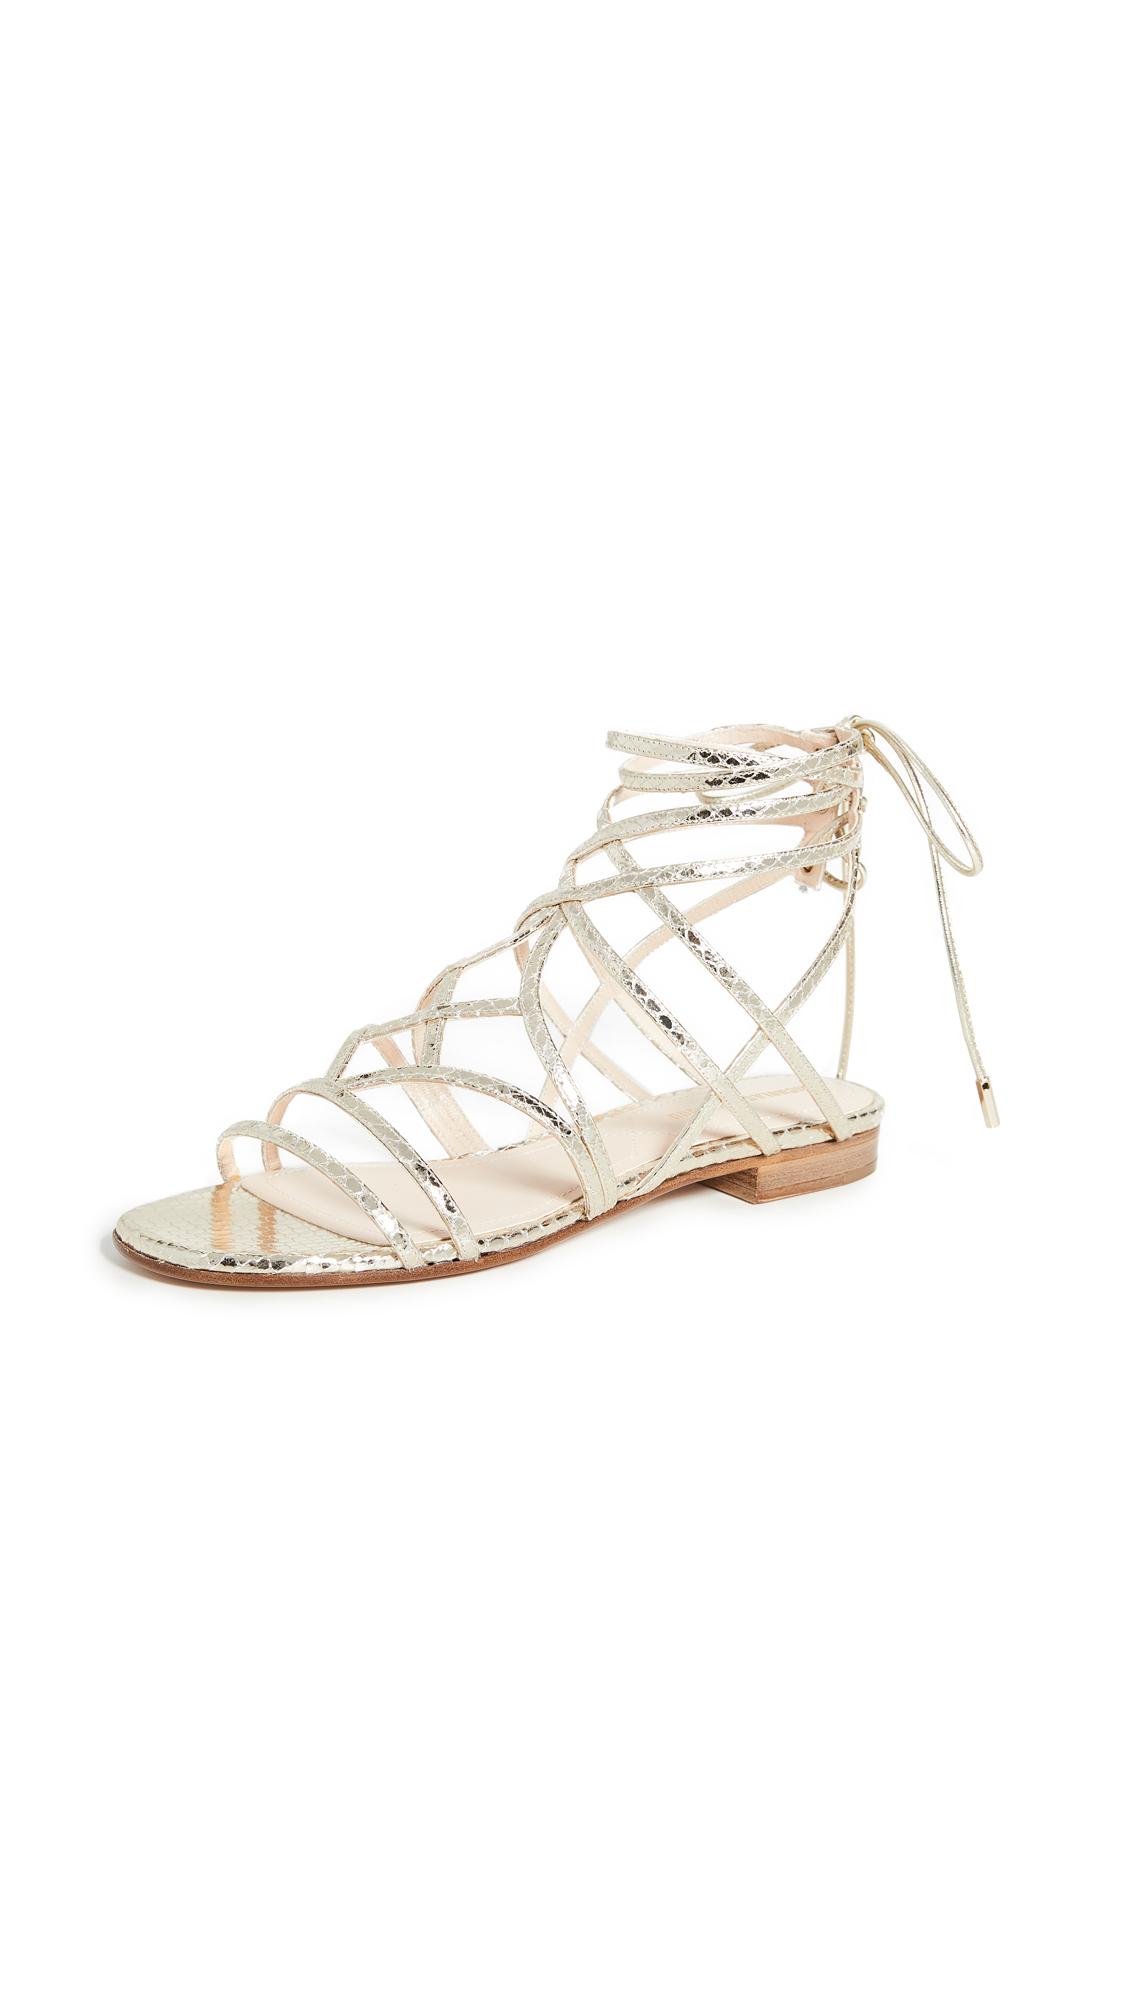 Buy Nicholas Kirkwood Selina Sandals online, shop Nicholas Kirkwood